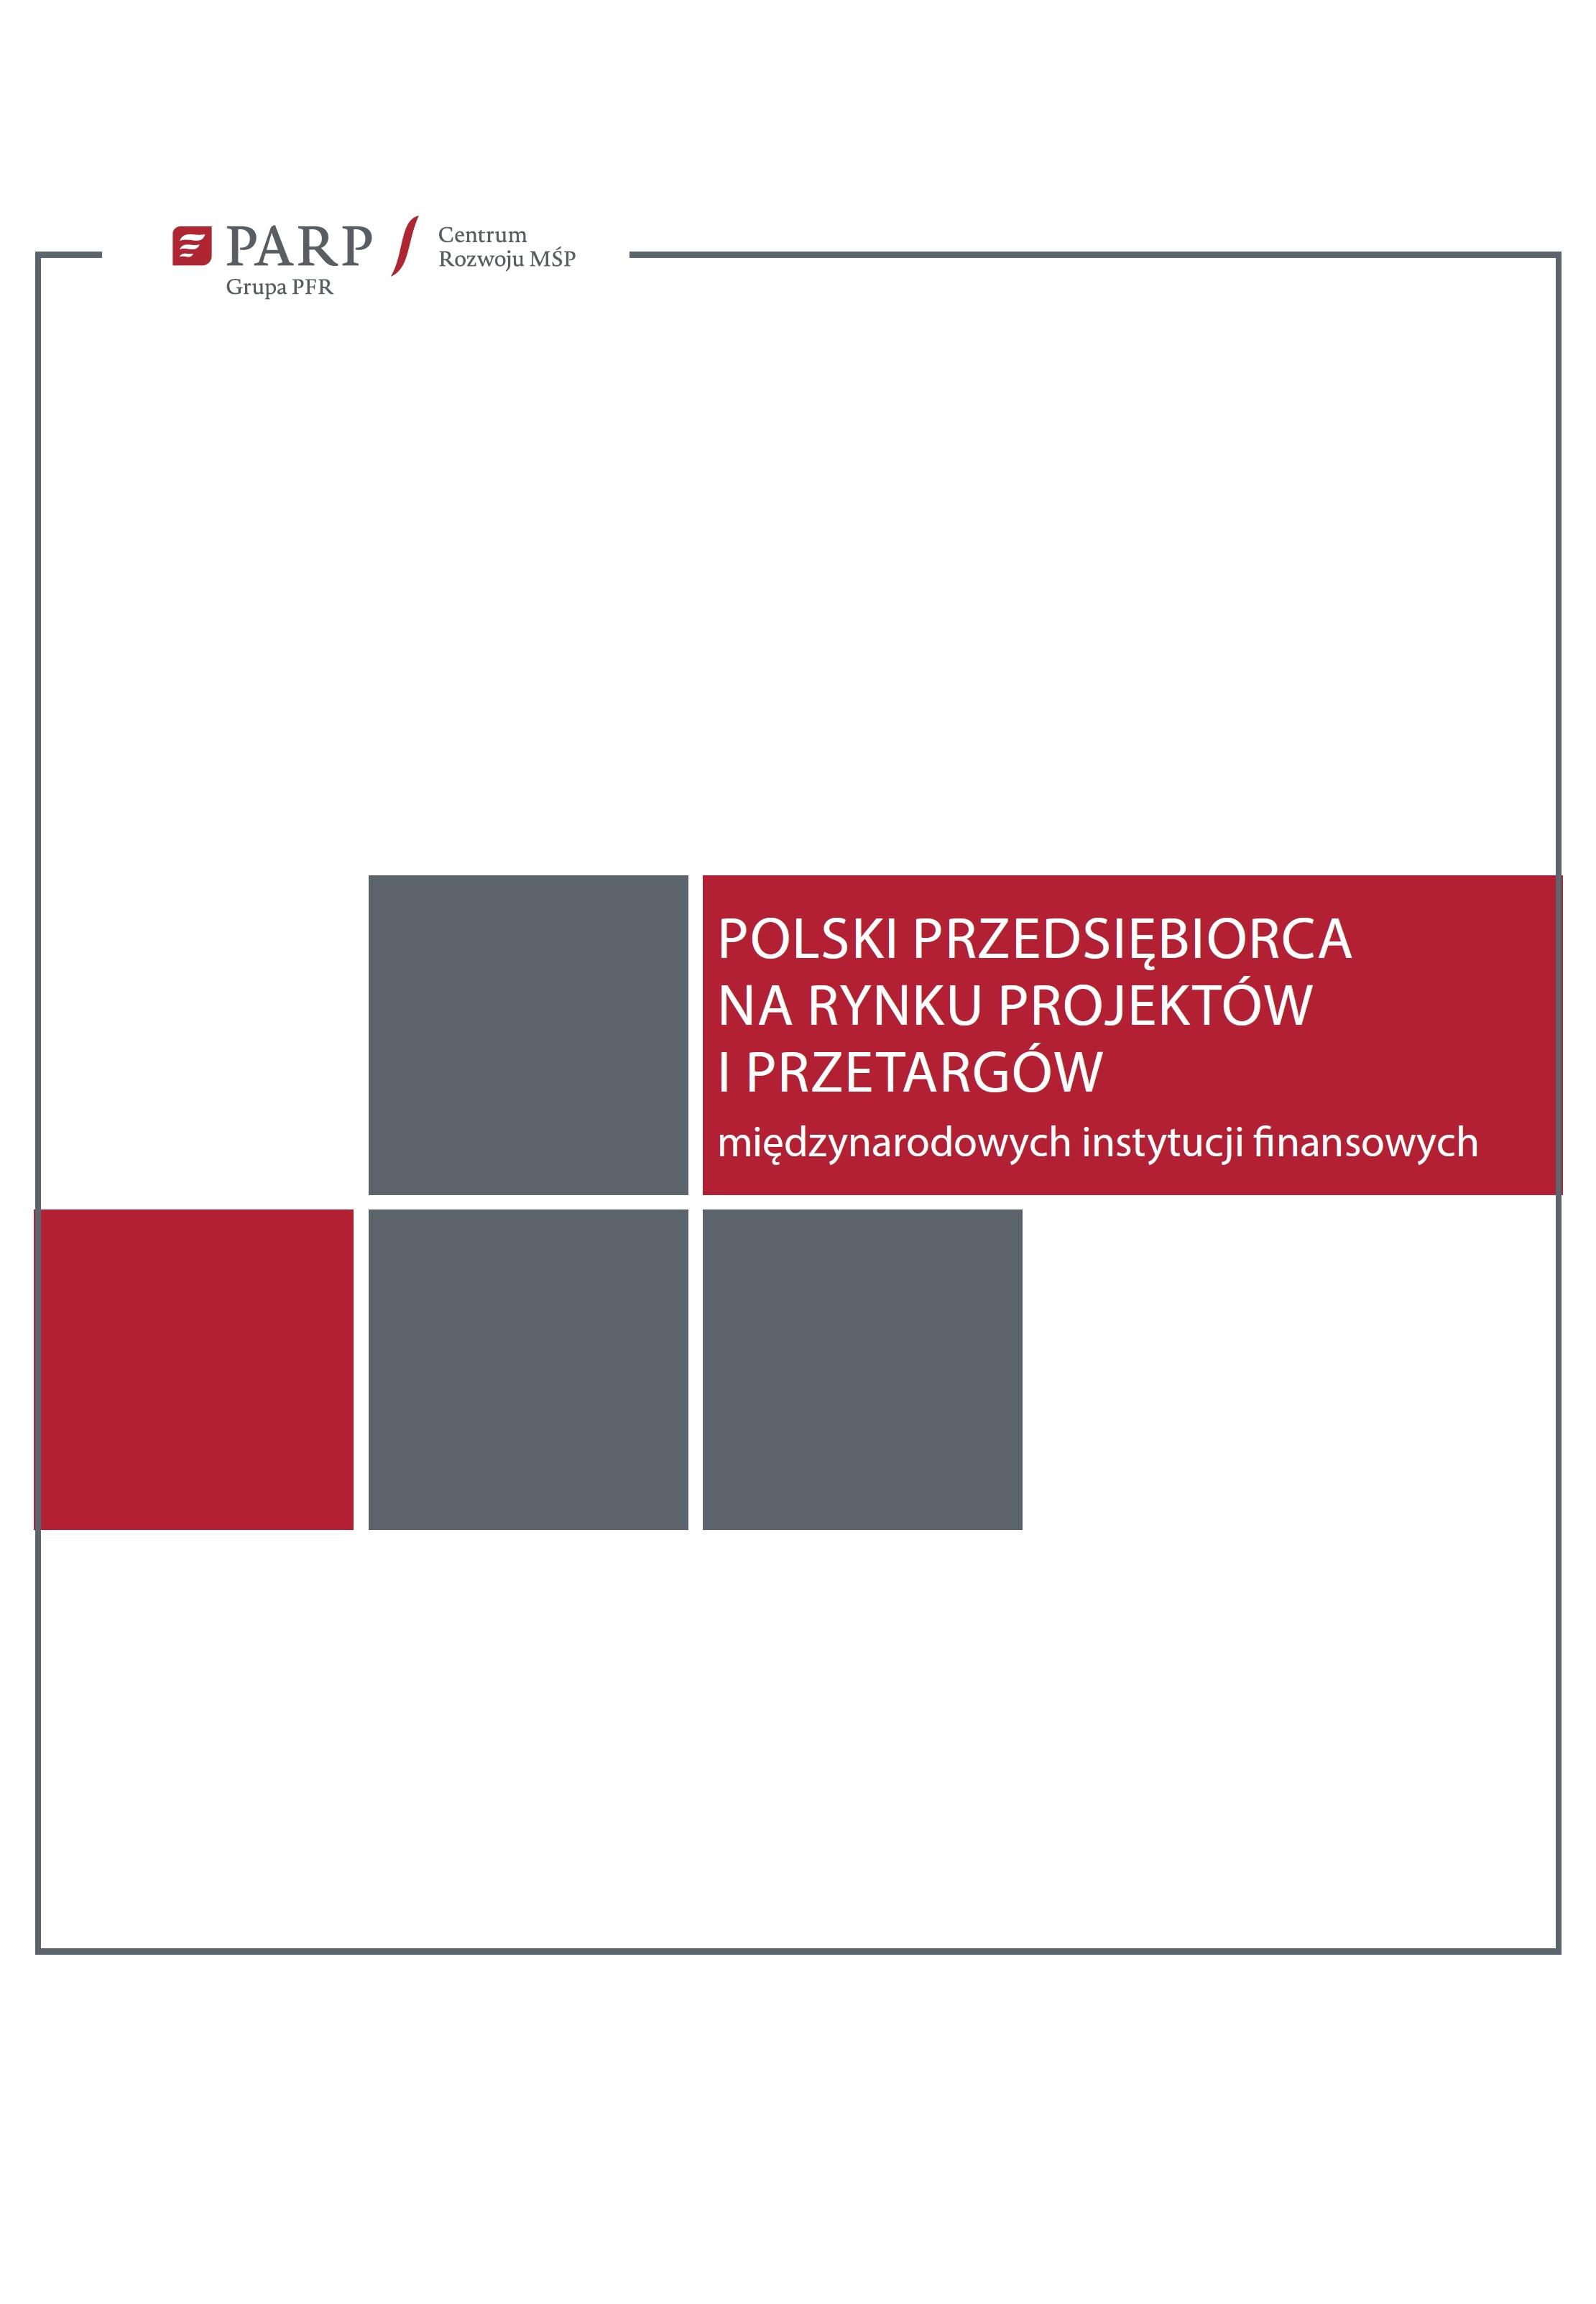 Polski przedsiębiorca na rynku projektów i przetargów międzynarodowych instytucji finansowych